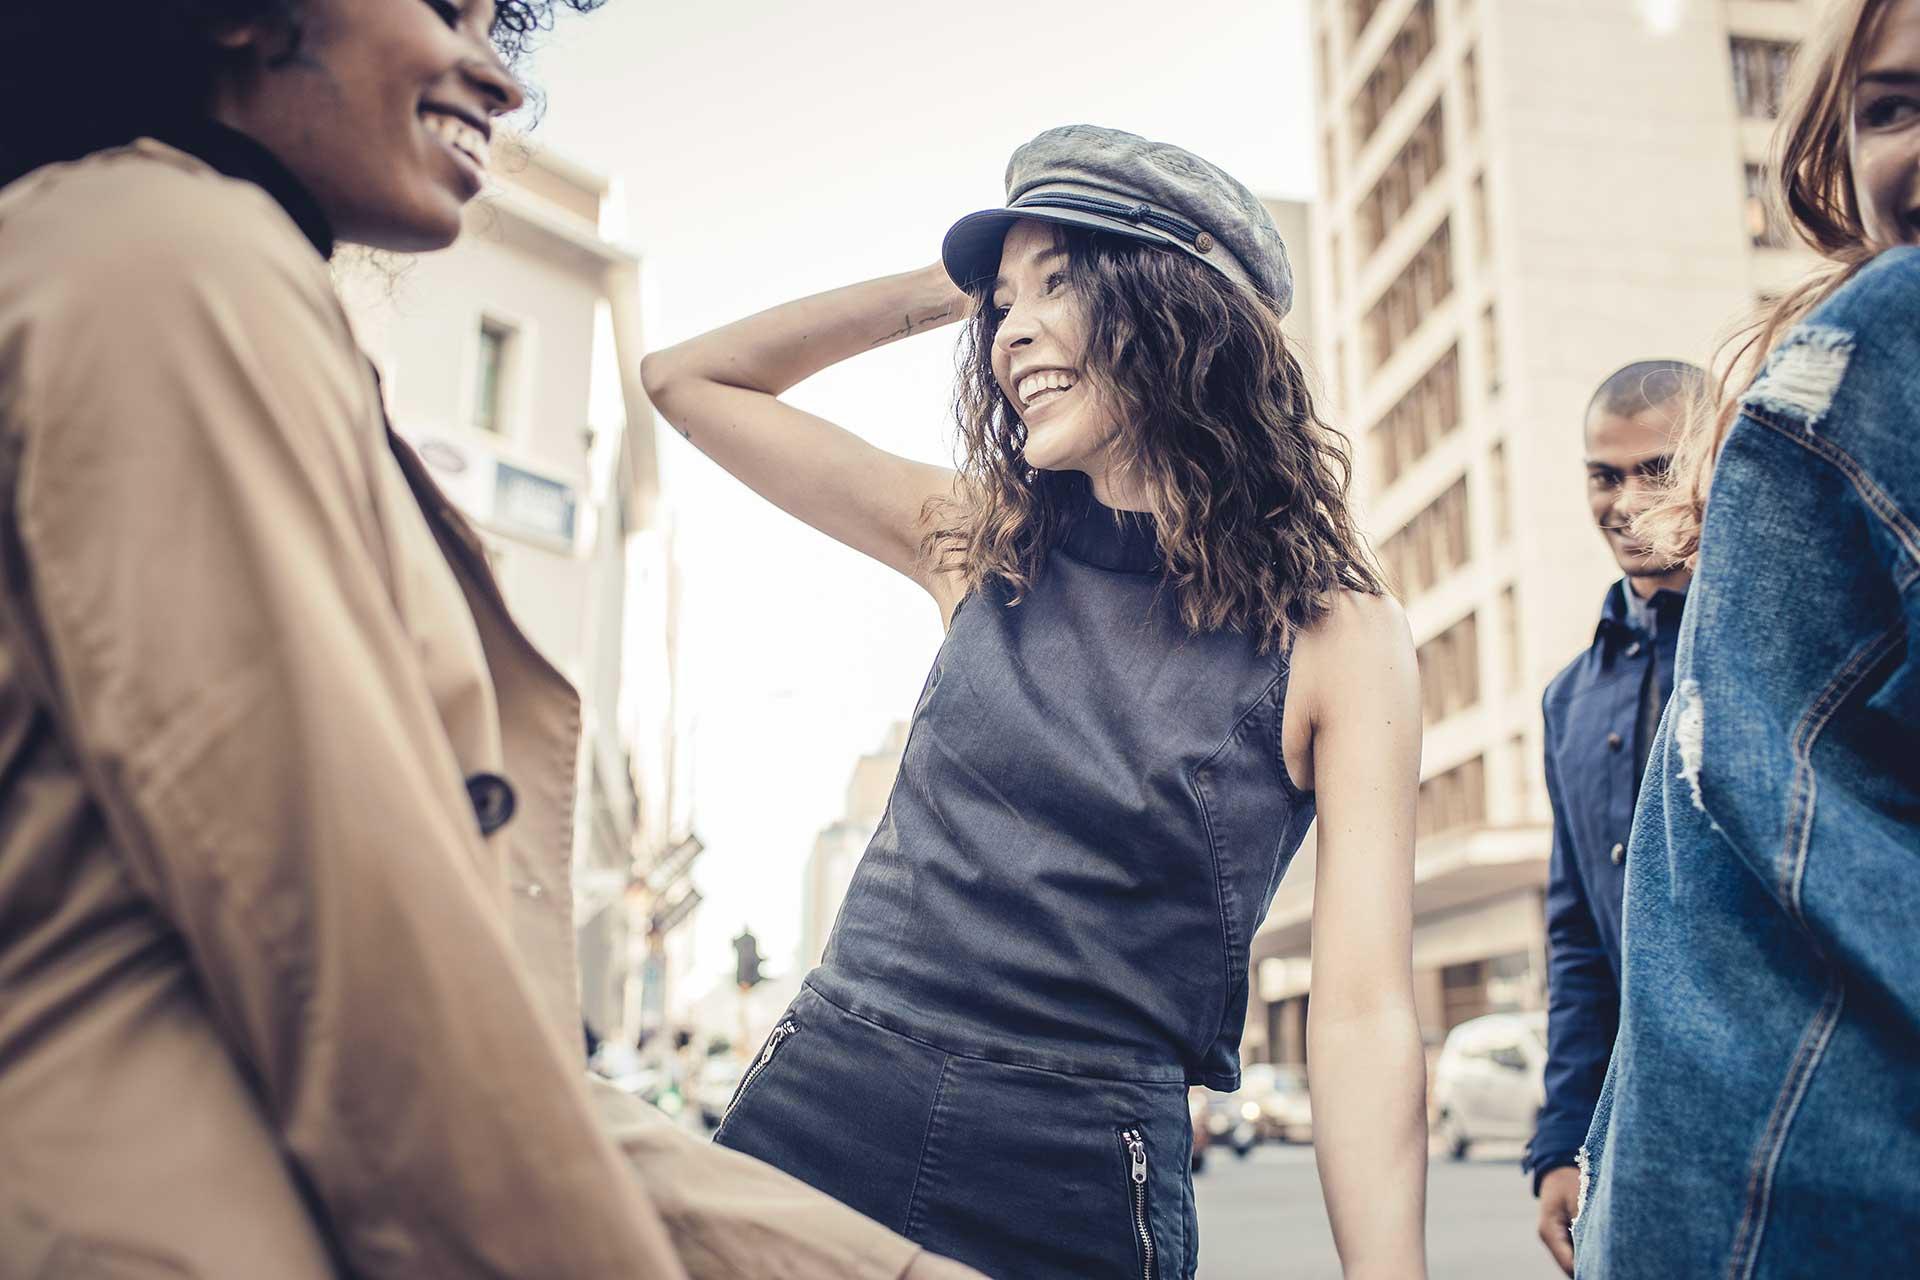 Girls Zusammen People Lifestyle Chill Fotoshooting Fun Fotograf